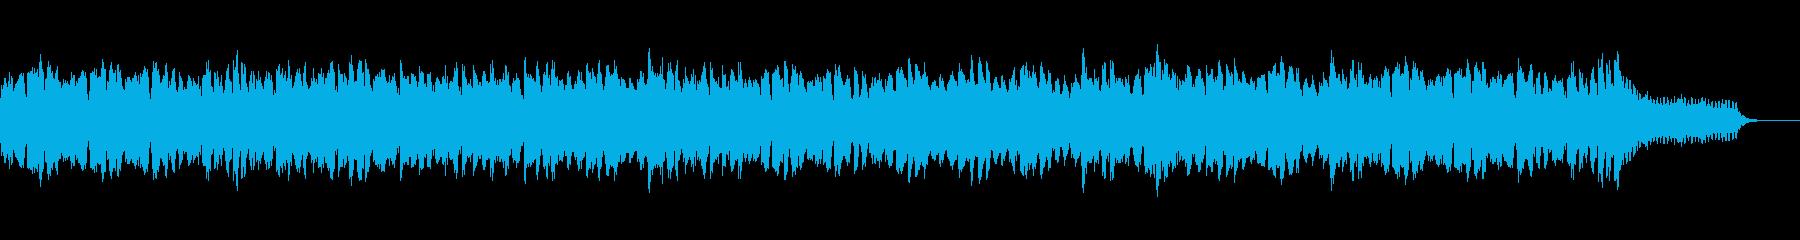 爽やかなピアノとストリングスの曲ですの再生済みの波形